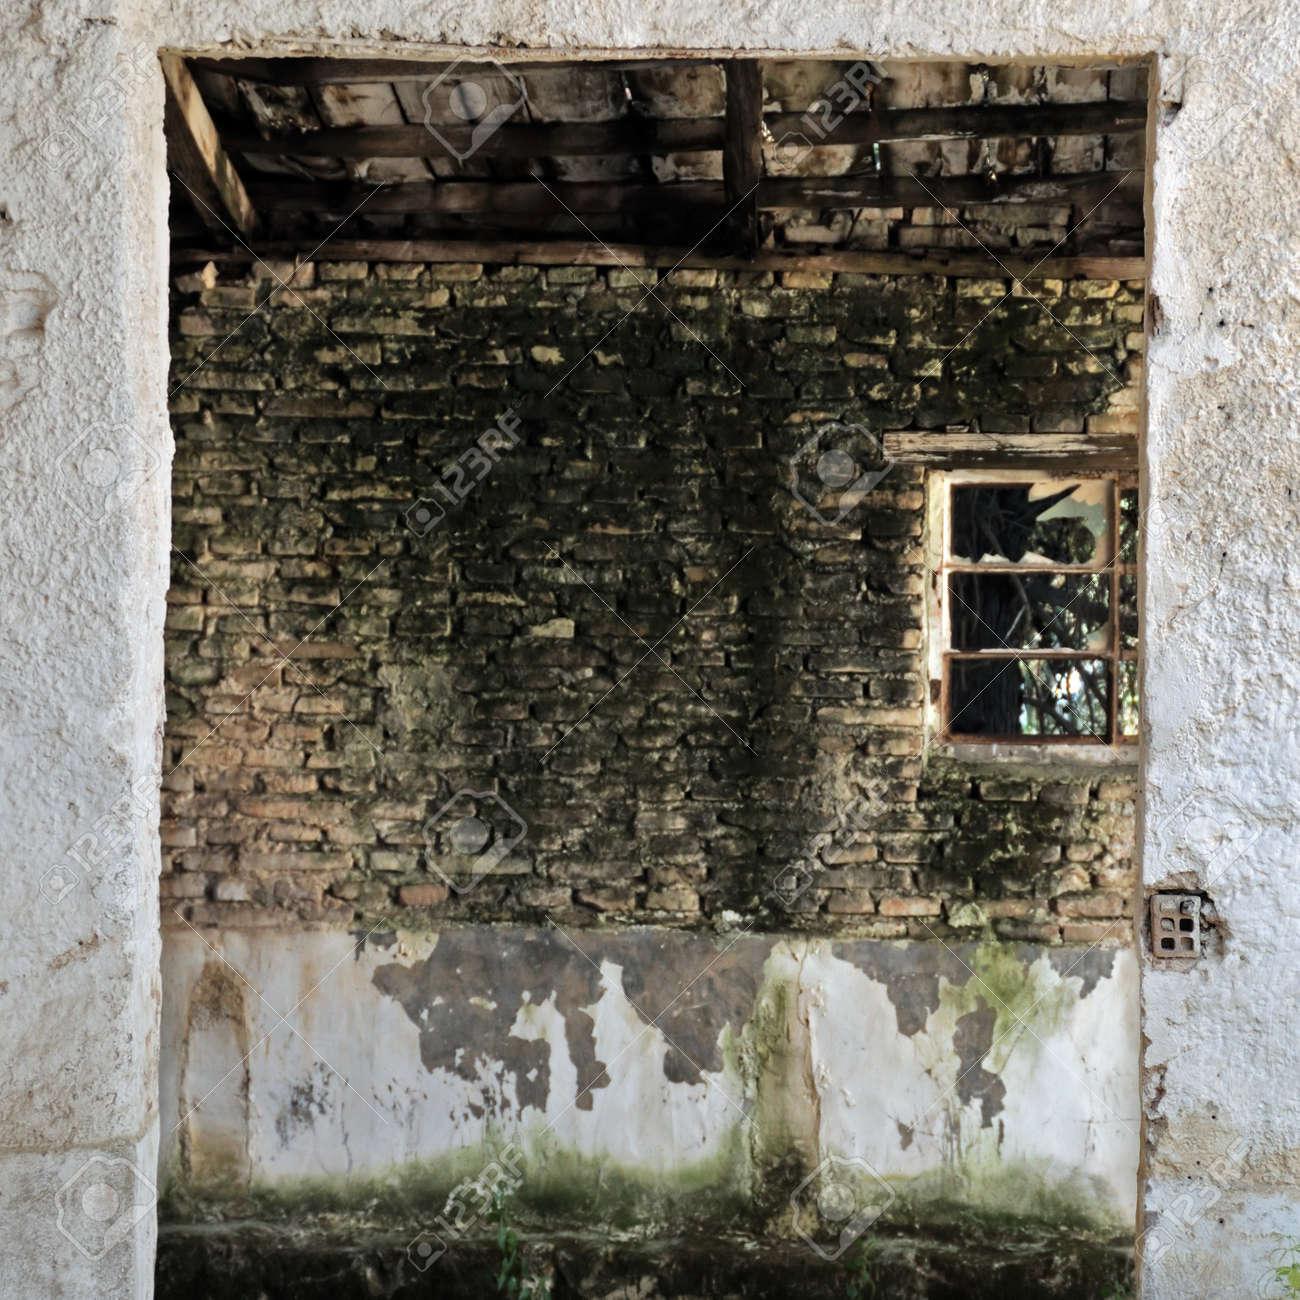 Les Entrepôts Abandonnés Vide Intérieur Fenêtre Brisée Et Mur De Pierre Taillée De Peinture